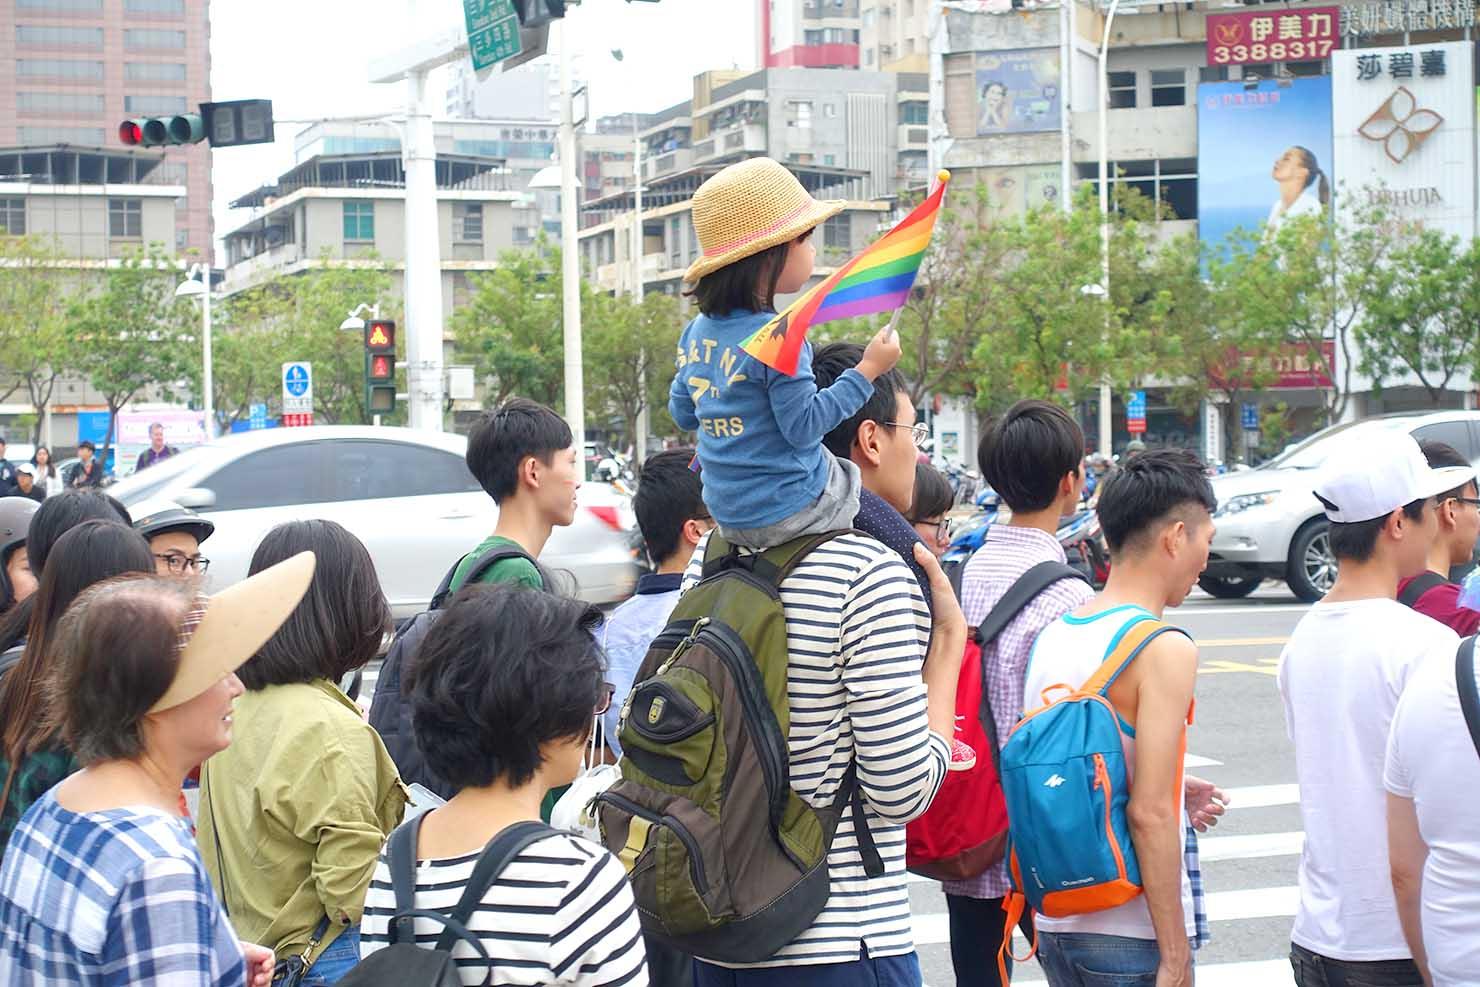 2017高雄同志大遊行でレインボーフラッグを持って歩く親子